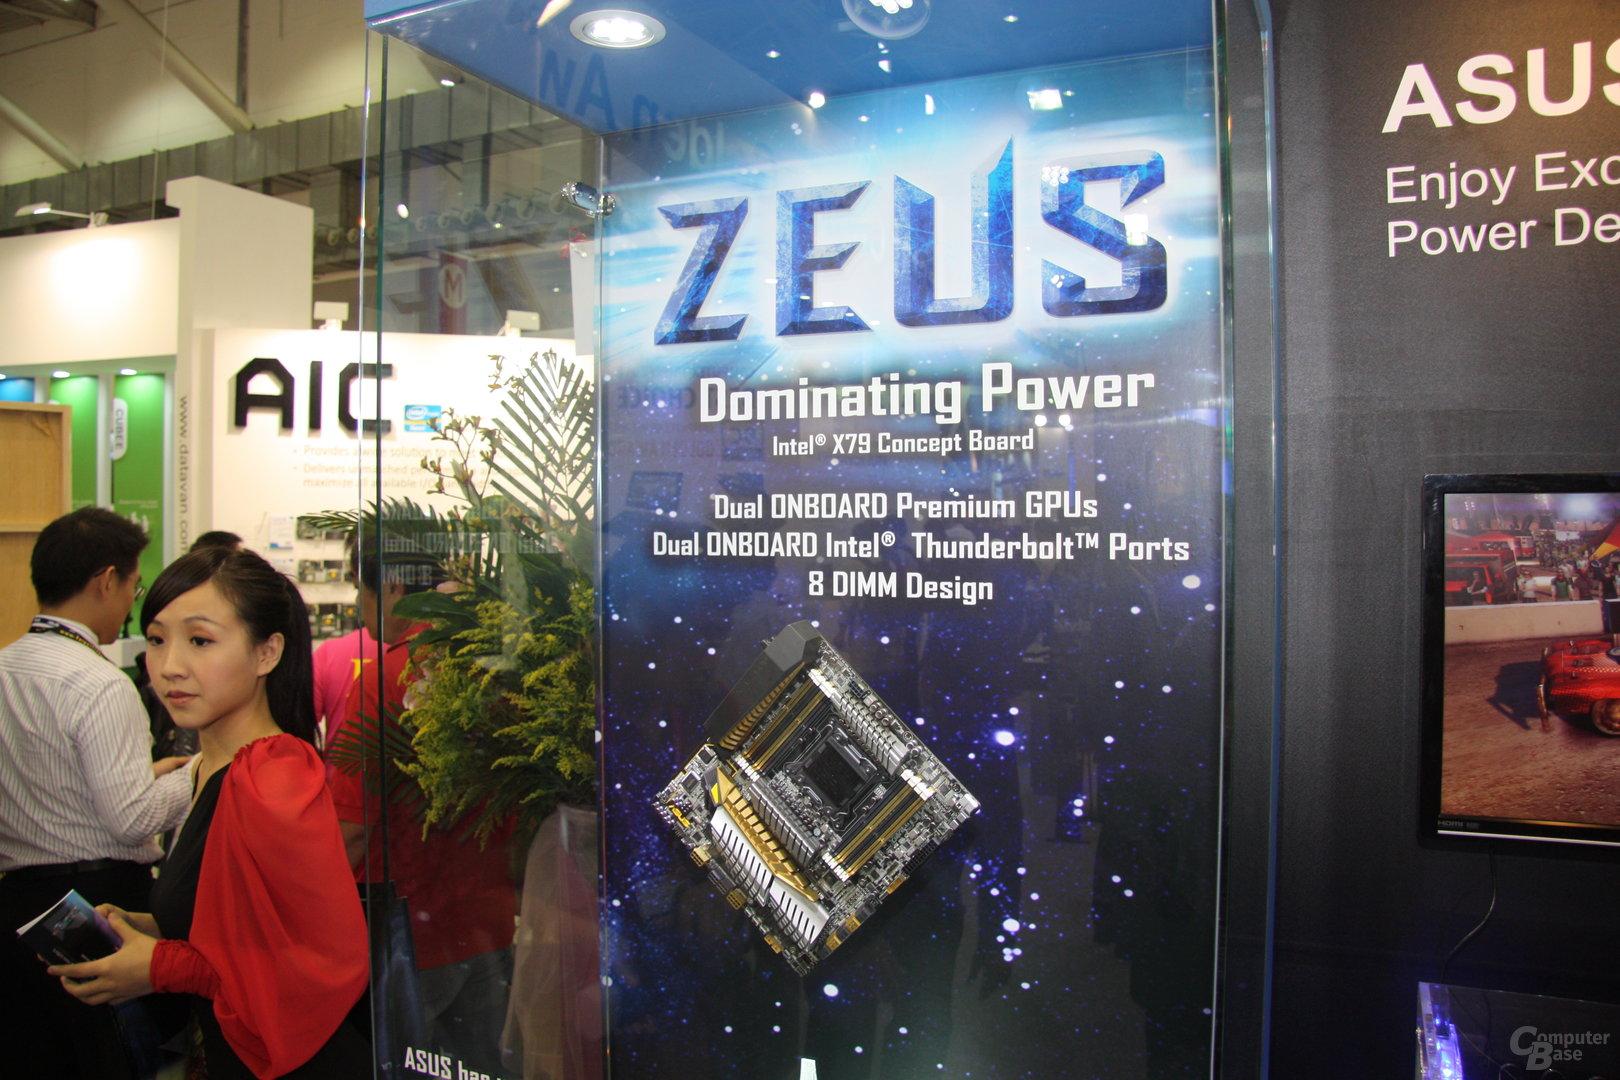 Asus Zeus Konzeptmainboard